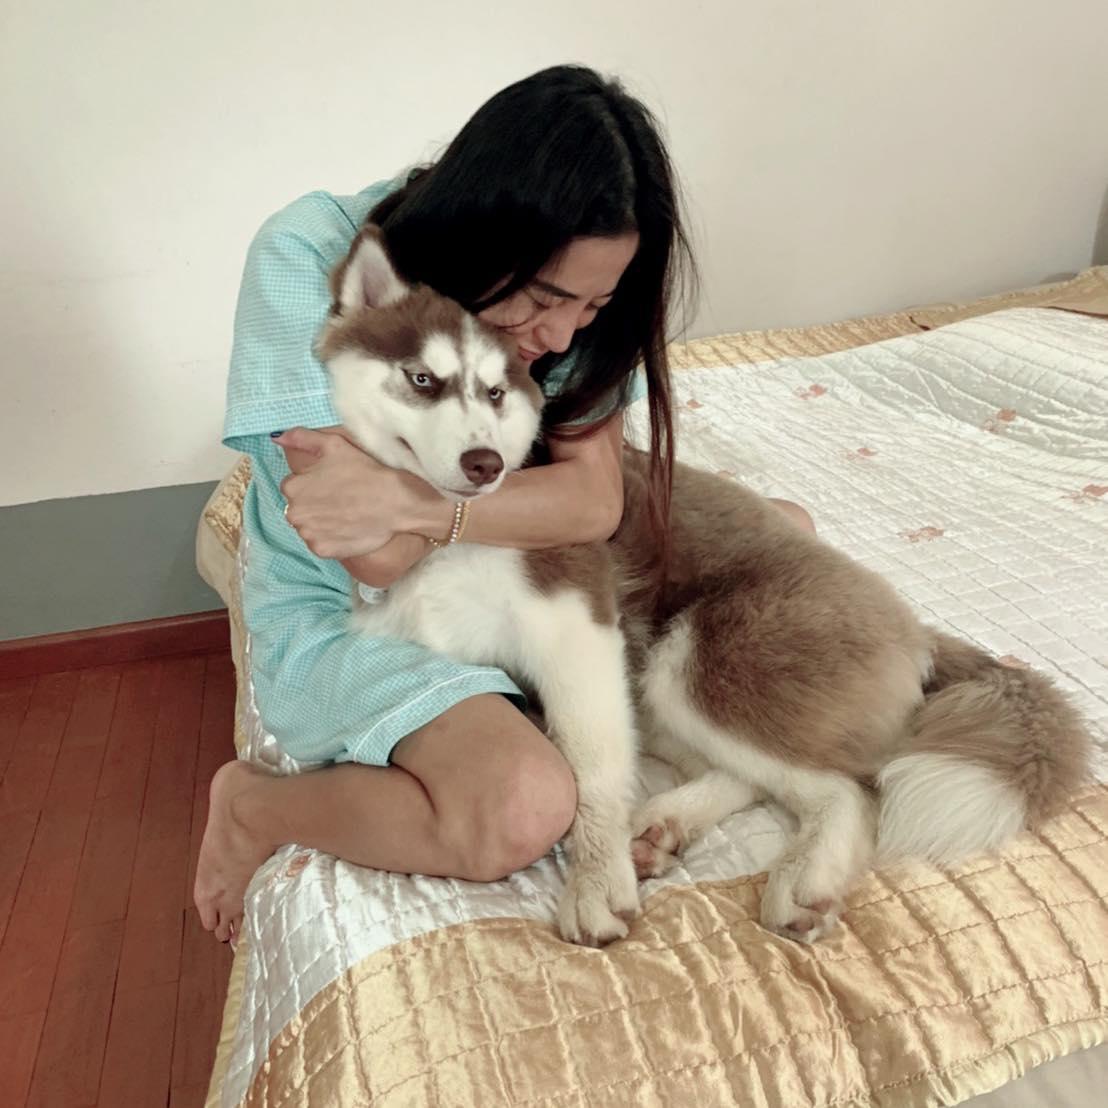 В Таиланде украли собаку хаски, чтобы расплатиться ею за ужин